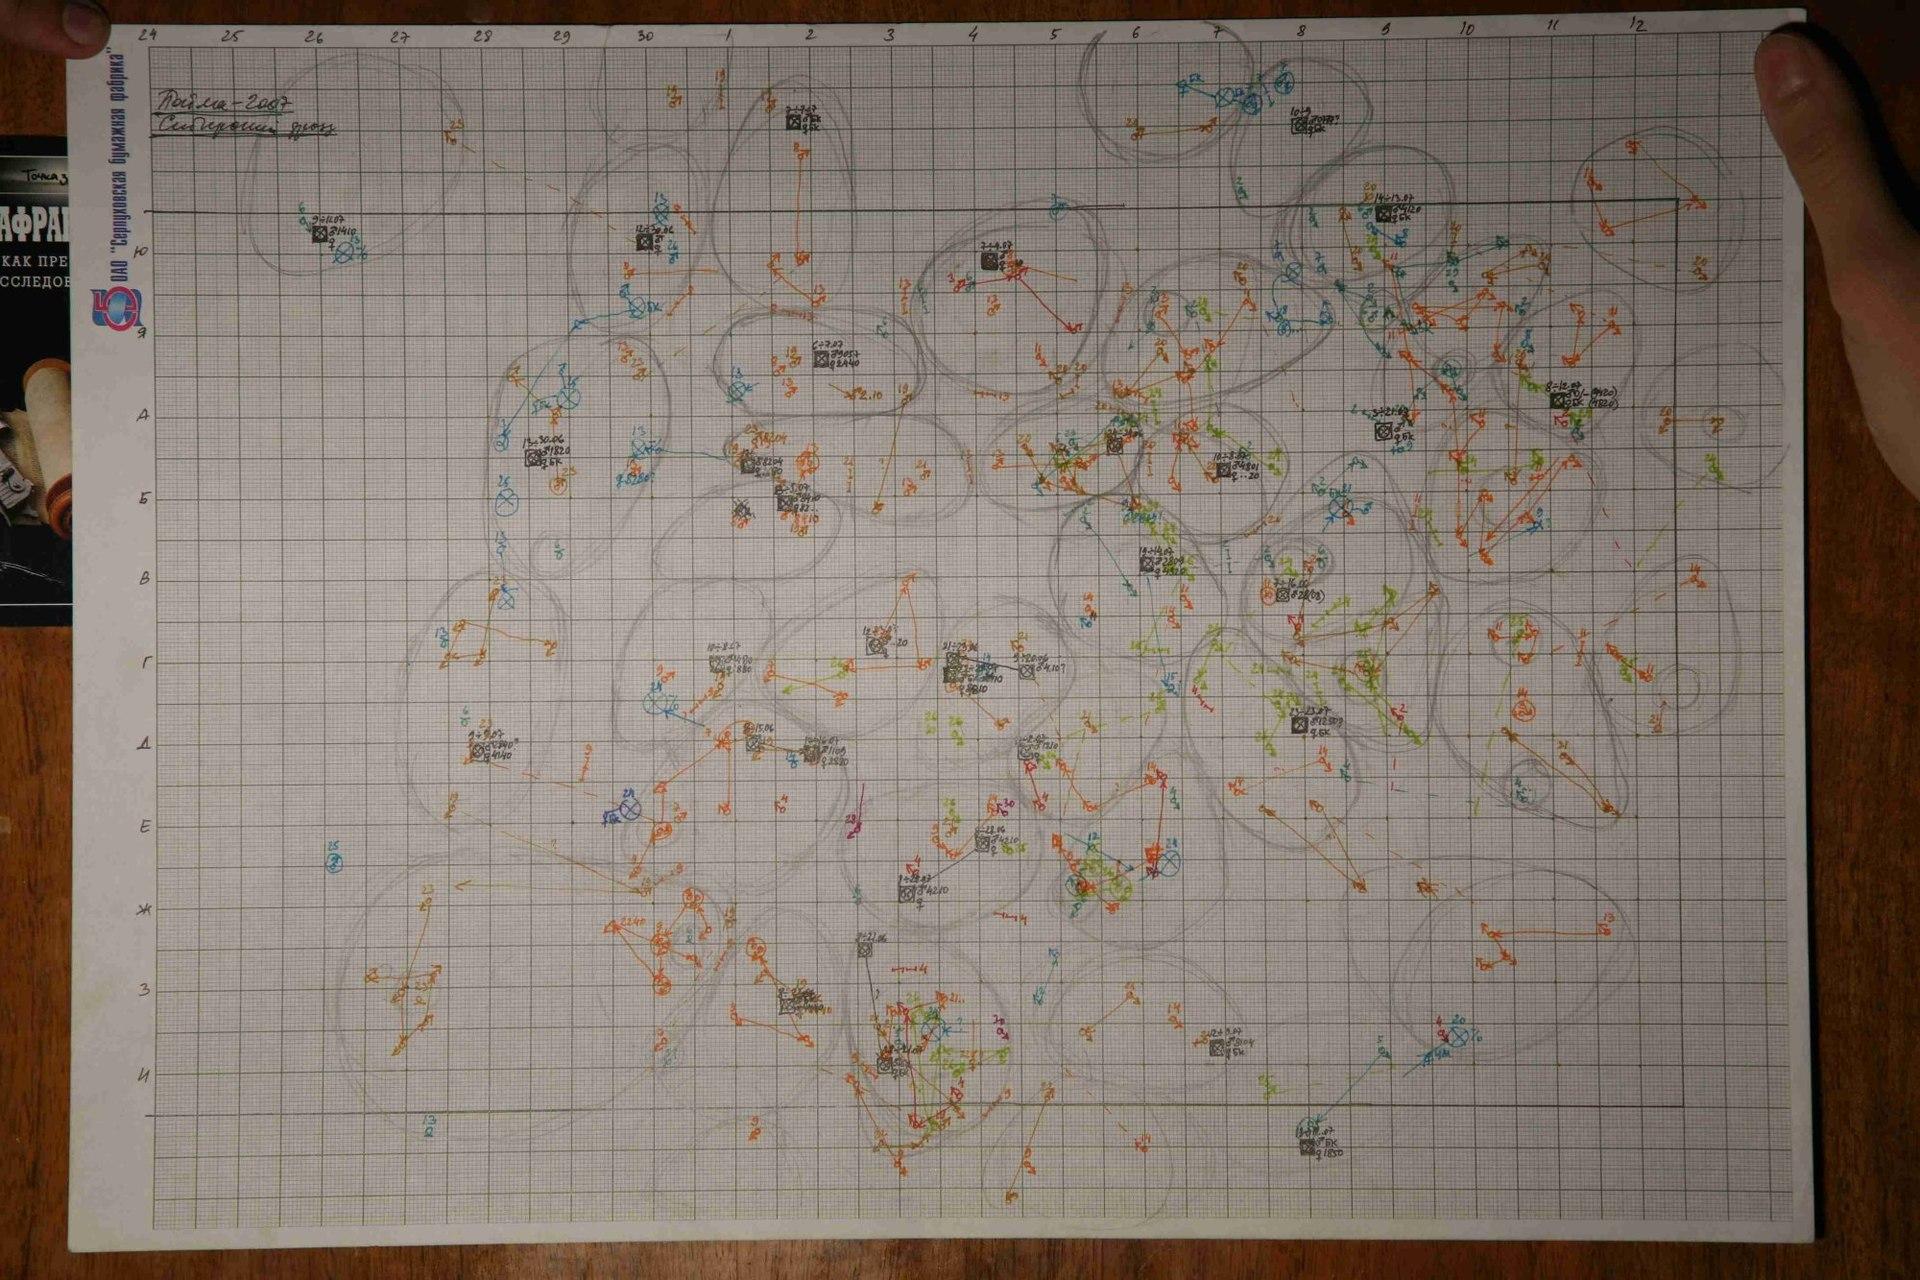 Common Bird Census, или биоинформатика в орнитологии. Проект в хорошие руки - 19